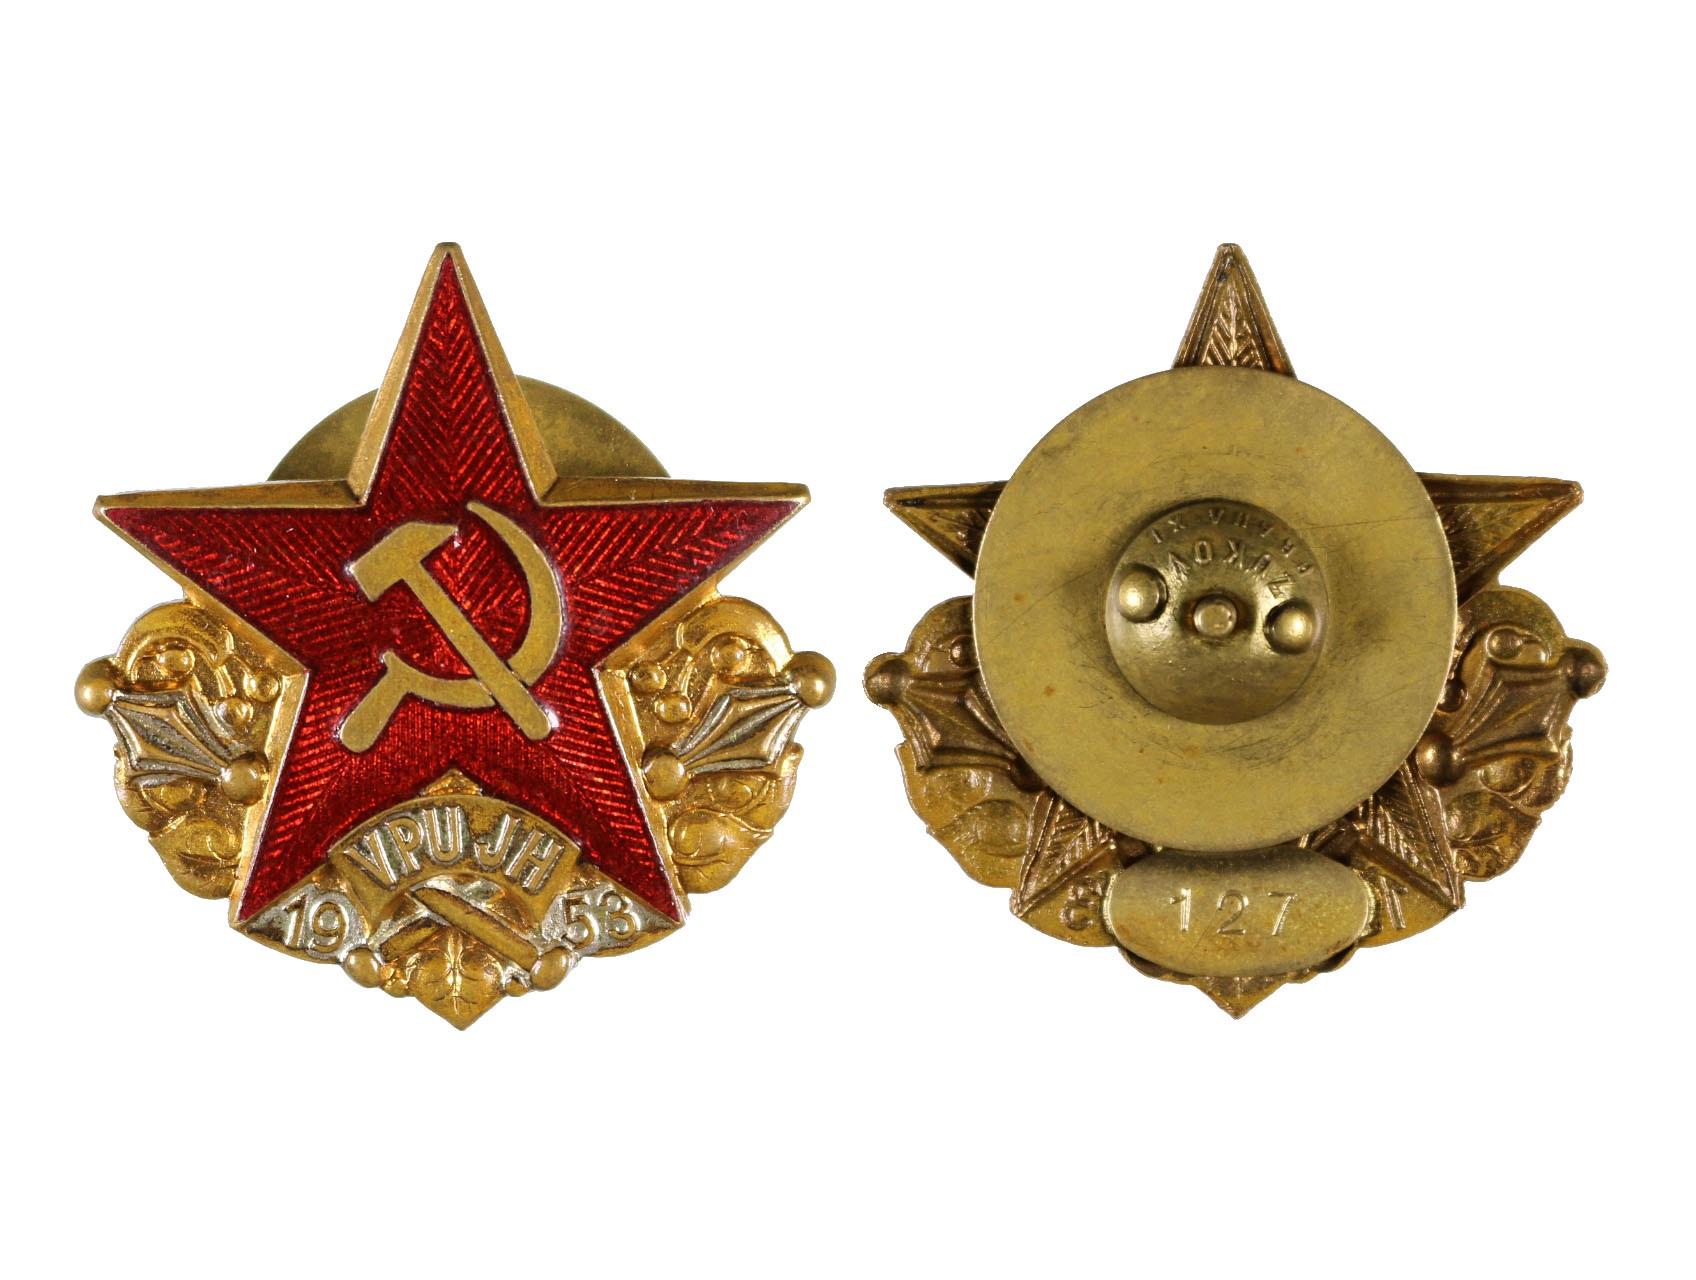 Odznak vojenského politického učiliště Jana Hakena 1953 č. 127